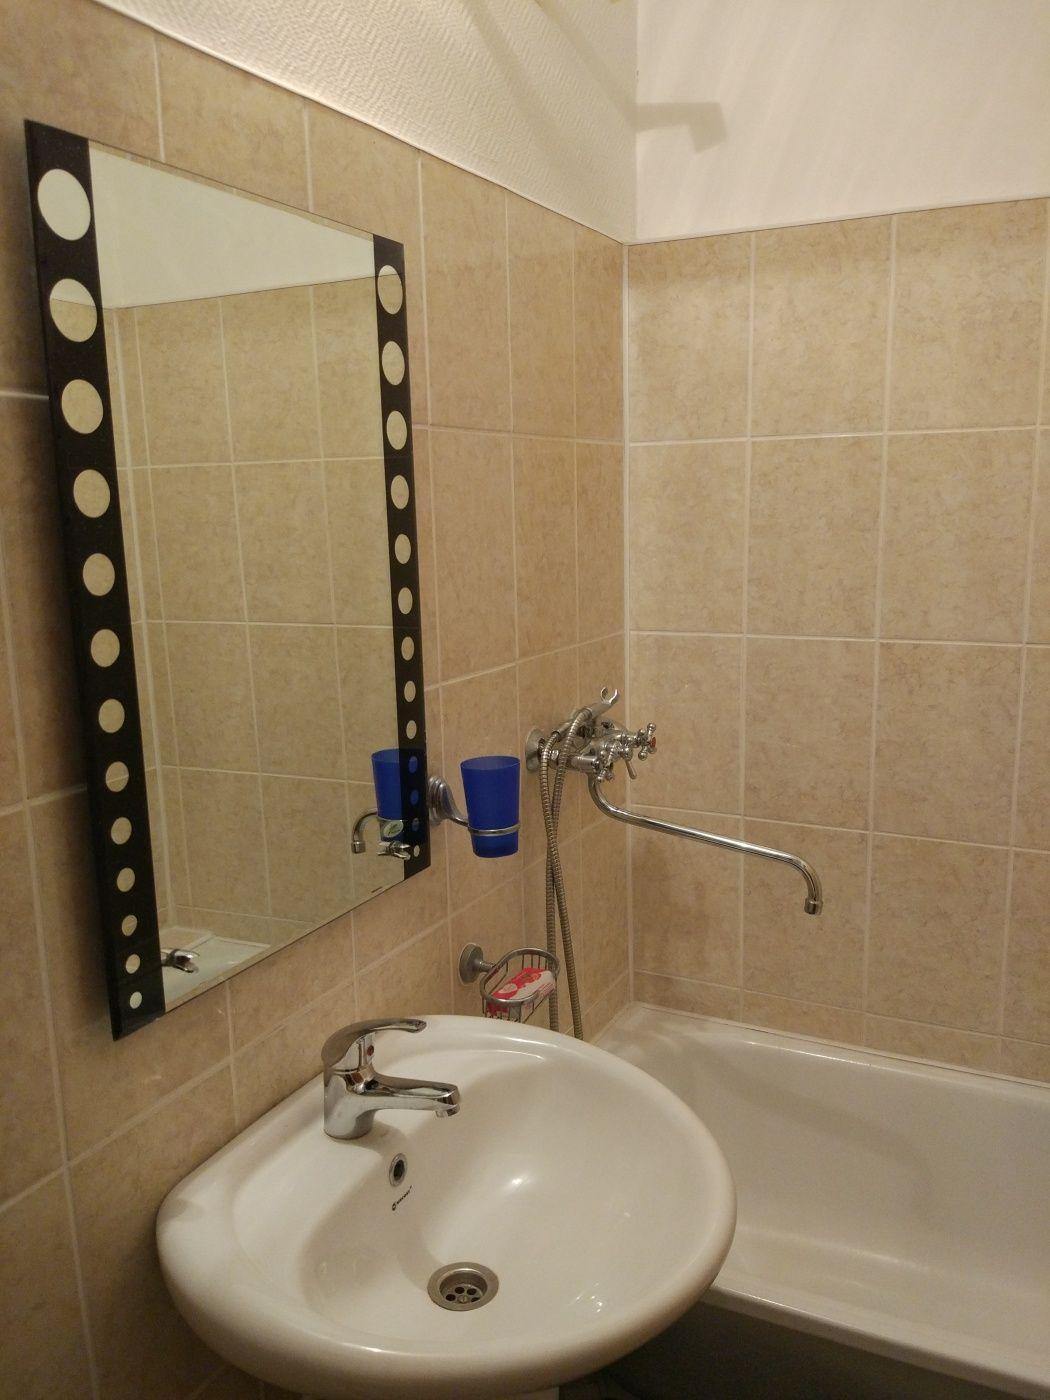 Турбаза «Домостроитель» Саратовская область 1-комнатный номер с удобствами (корпус № 2), фото 5